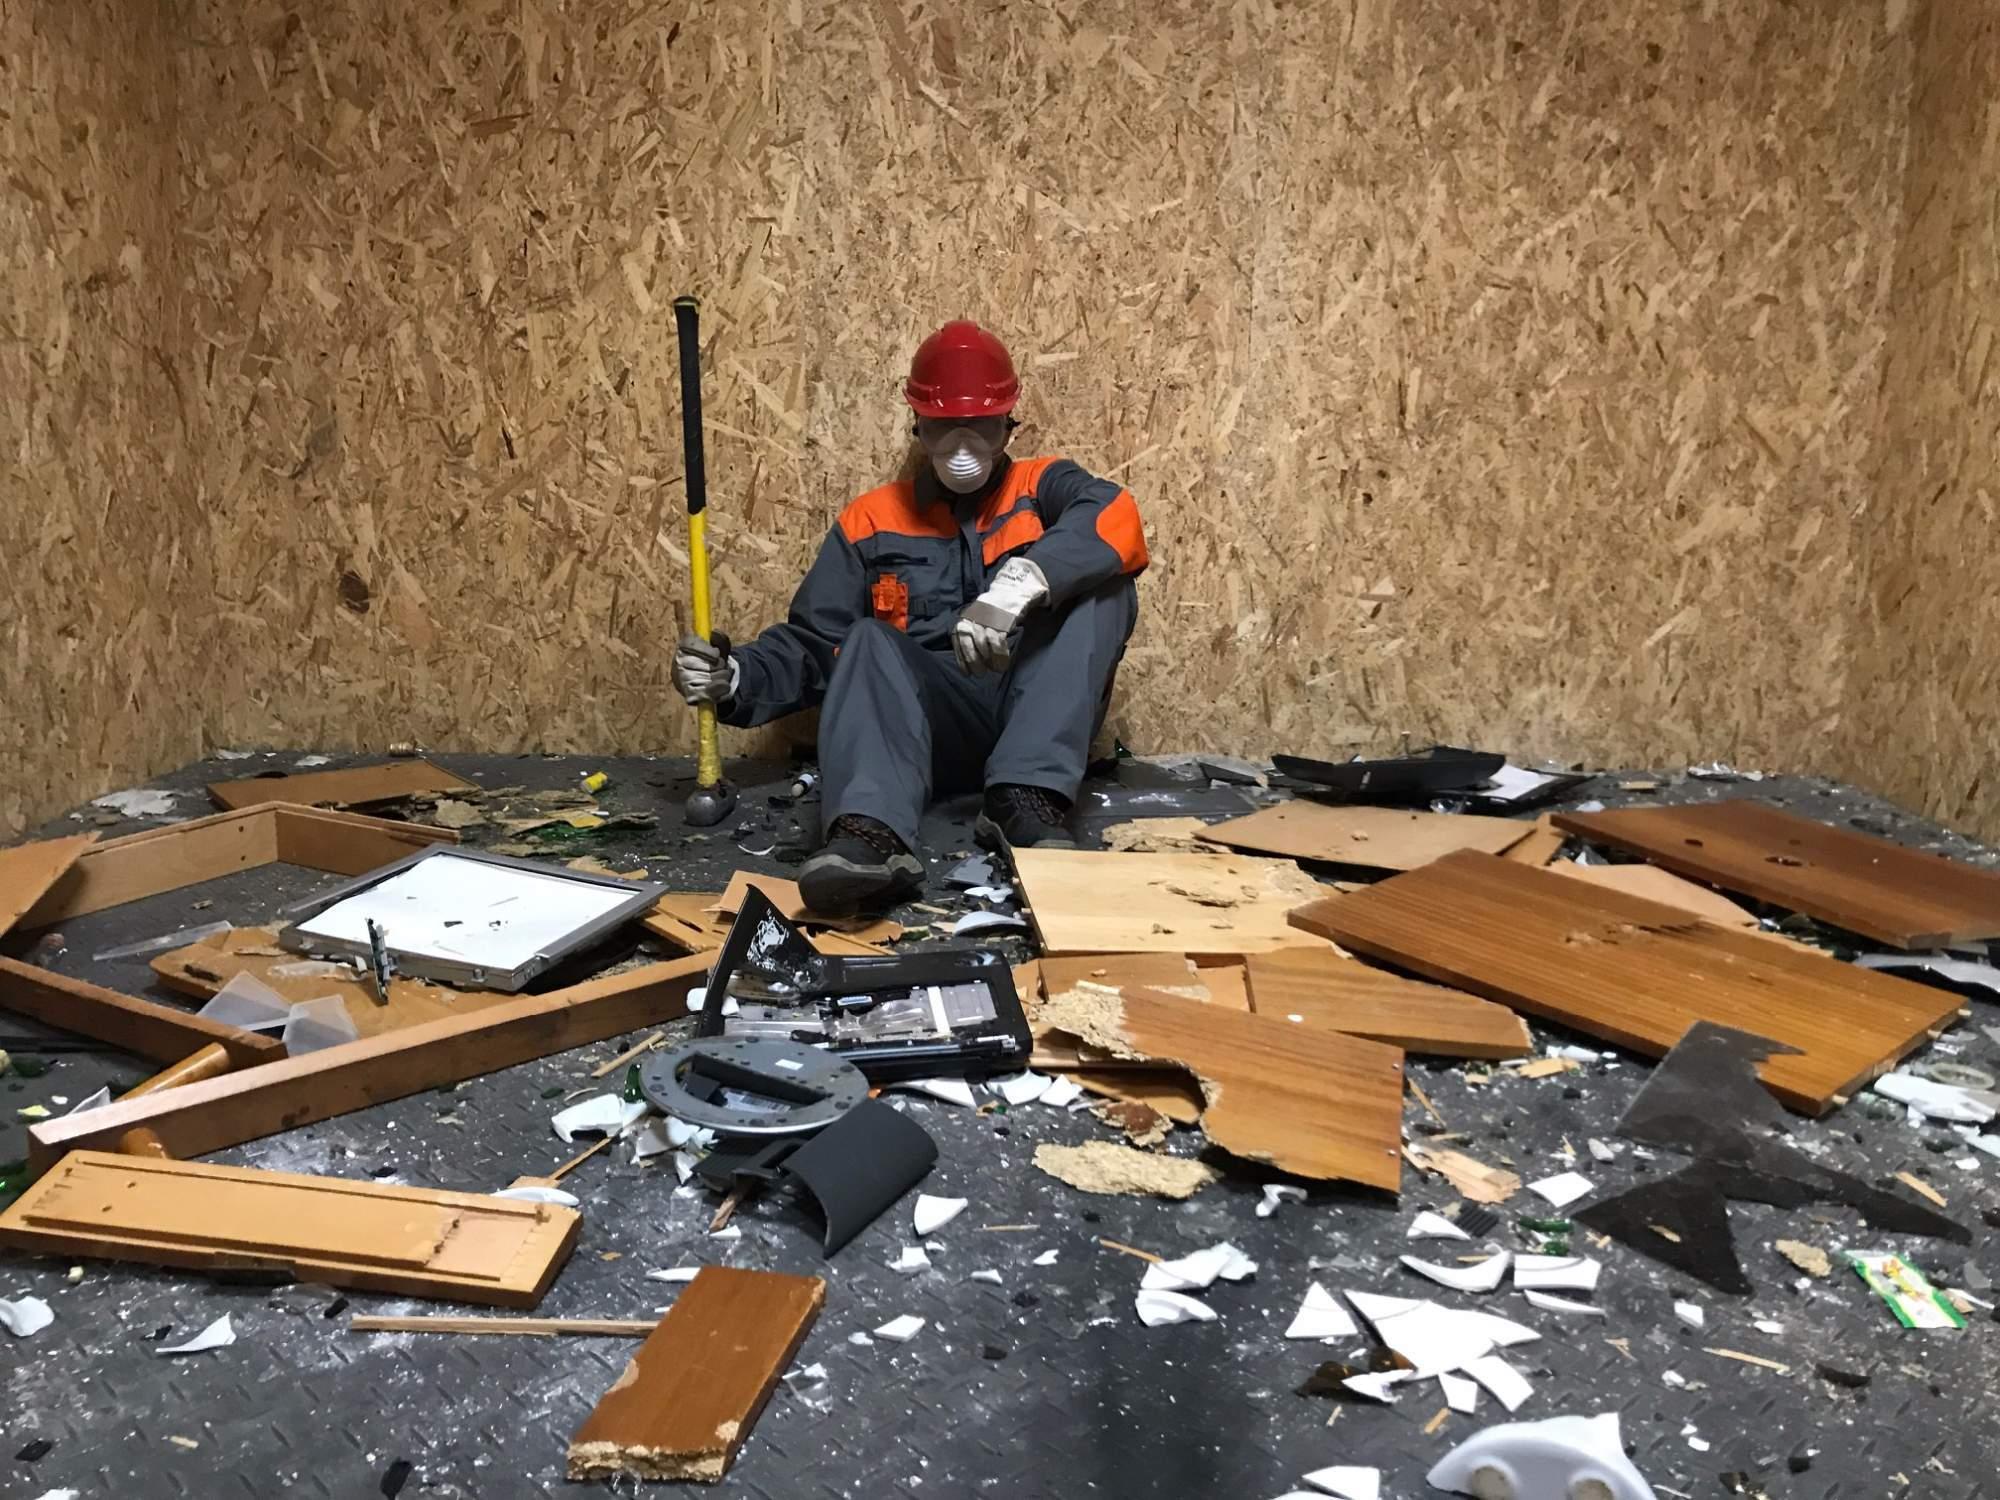 Po akci. Foto: Rostislav Zmátlík